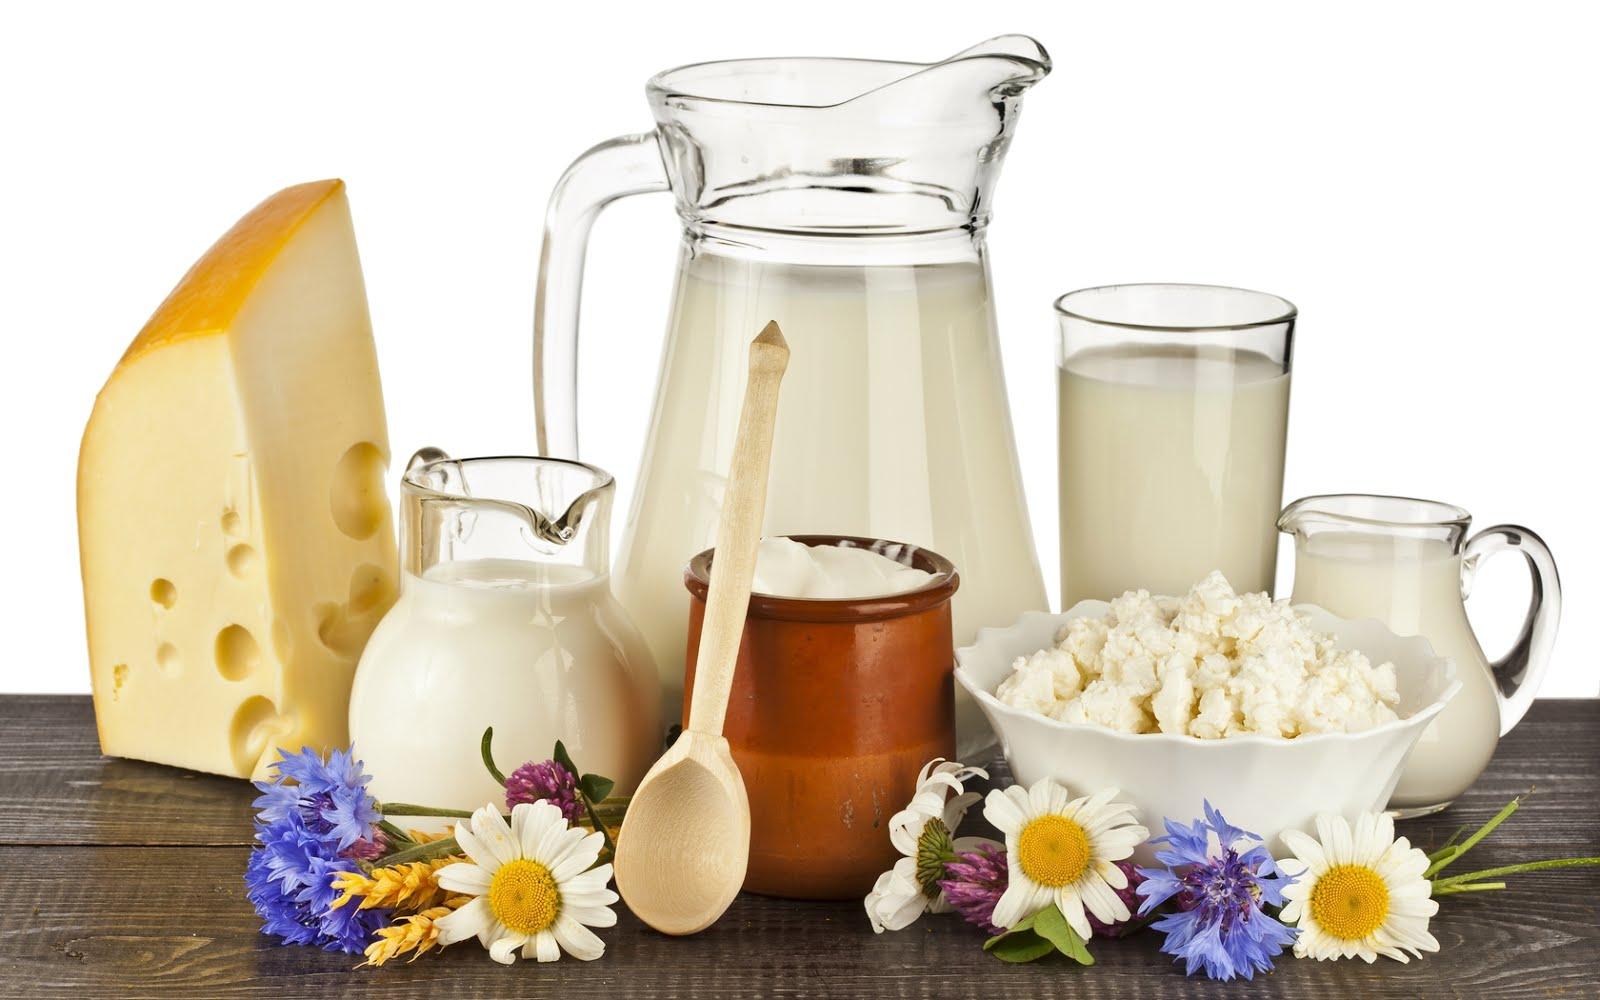 sữa bò và các chế phẩm từ sữa bò